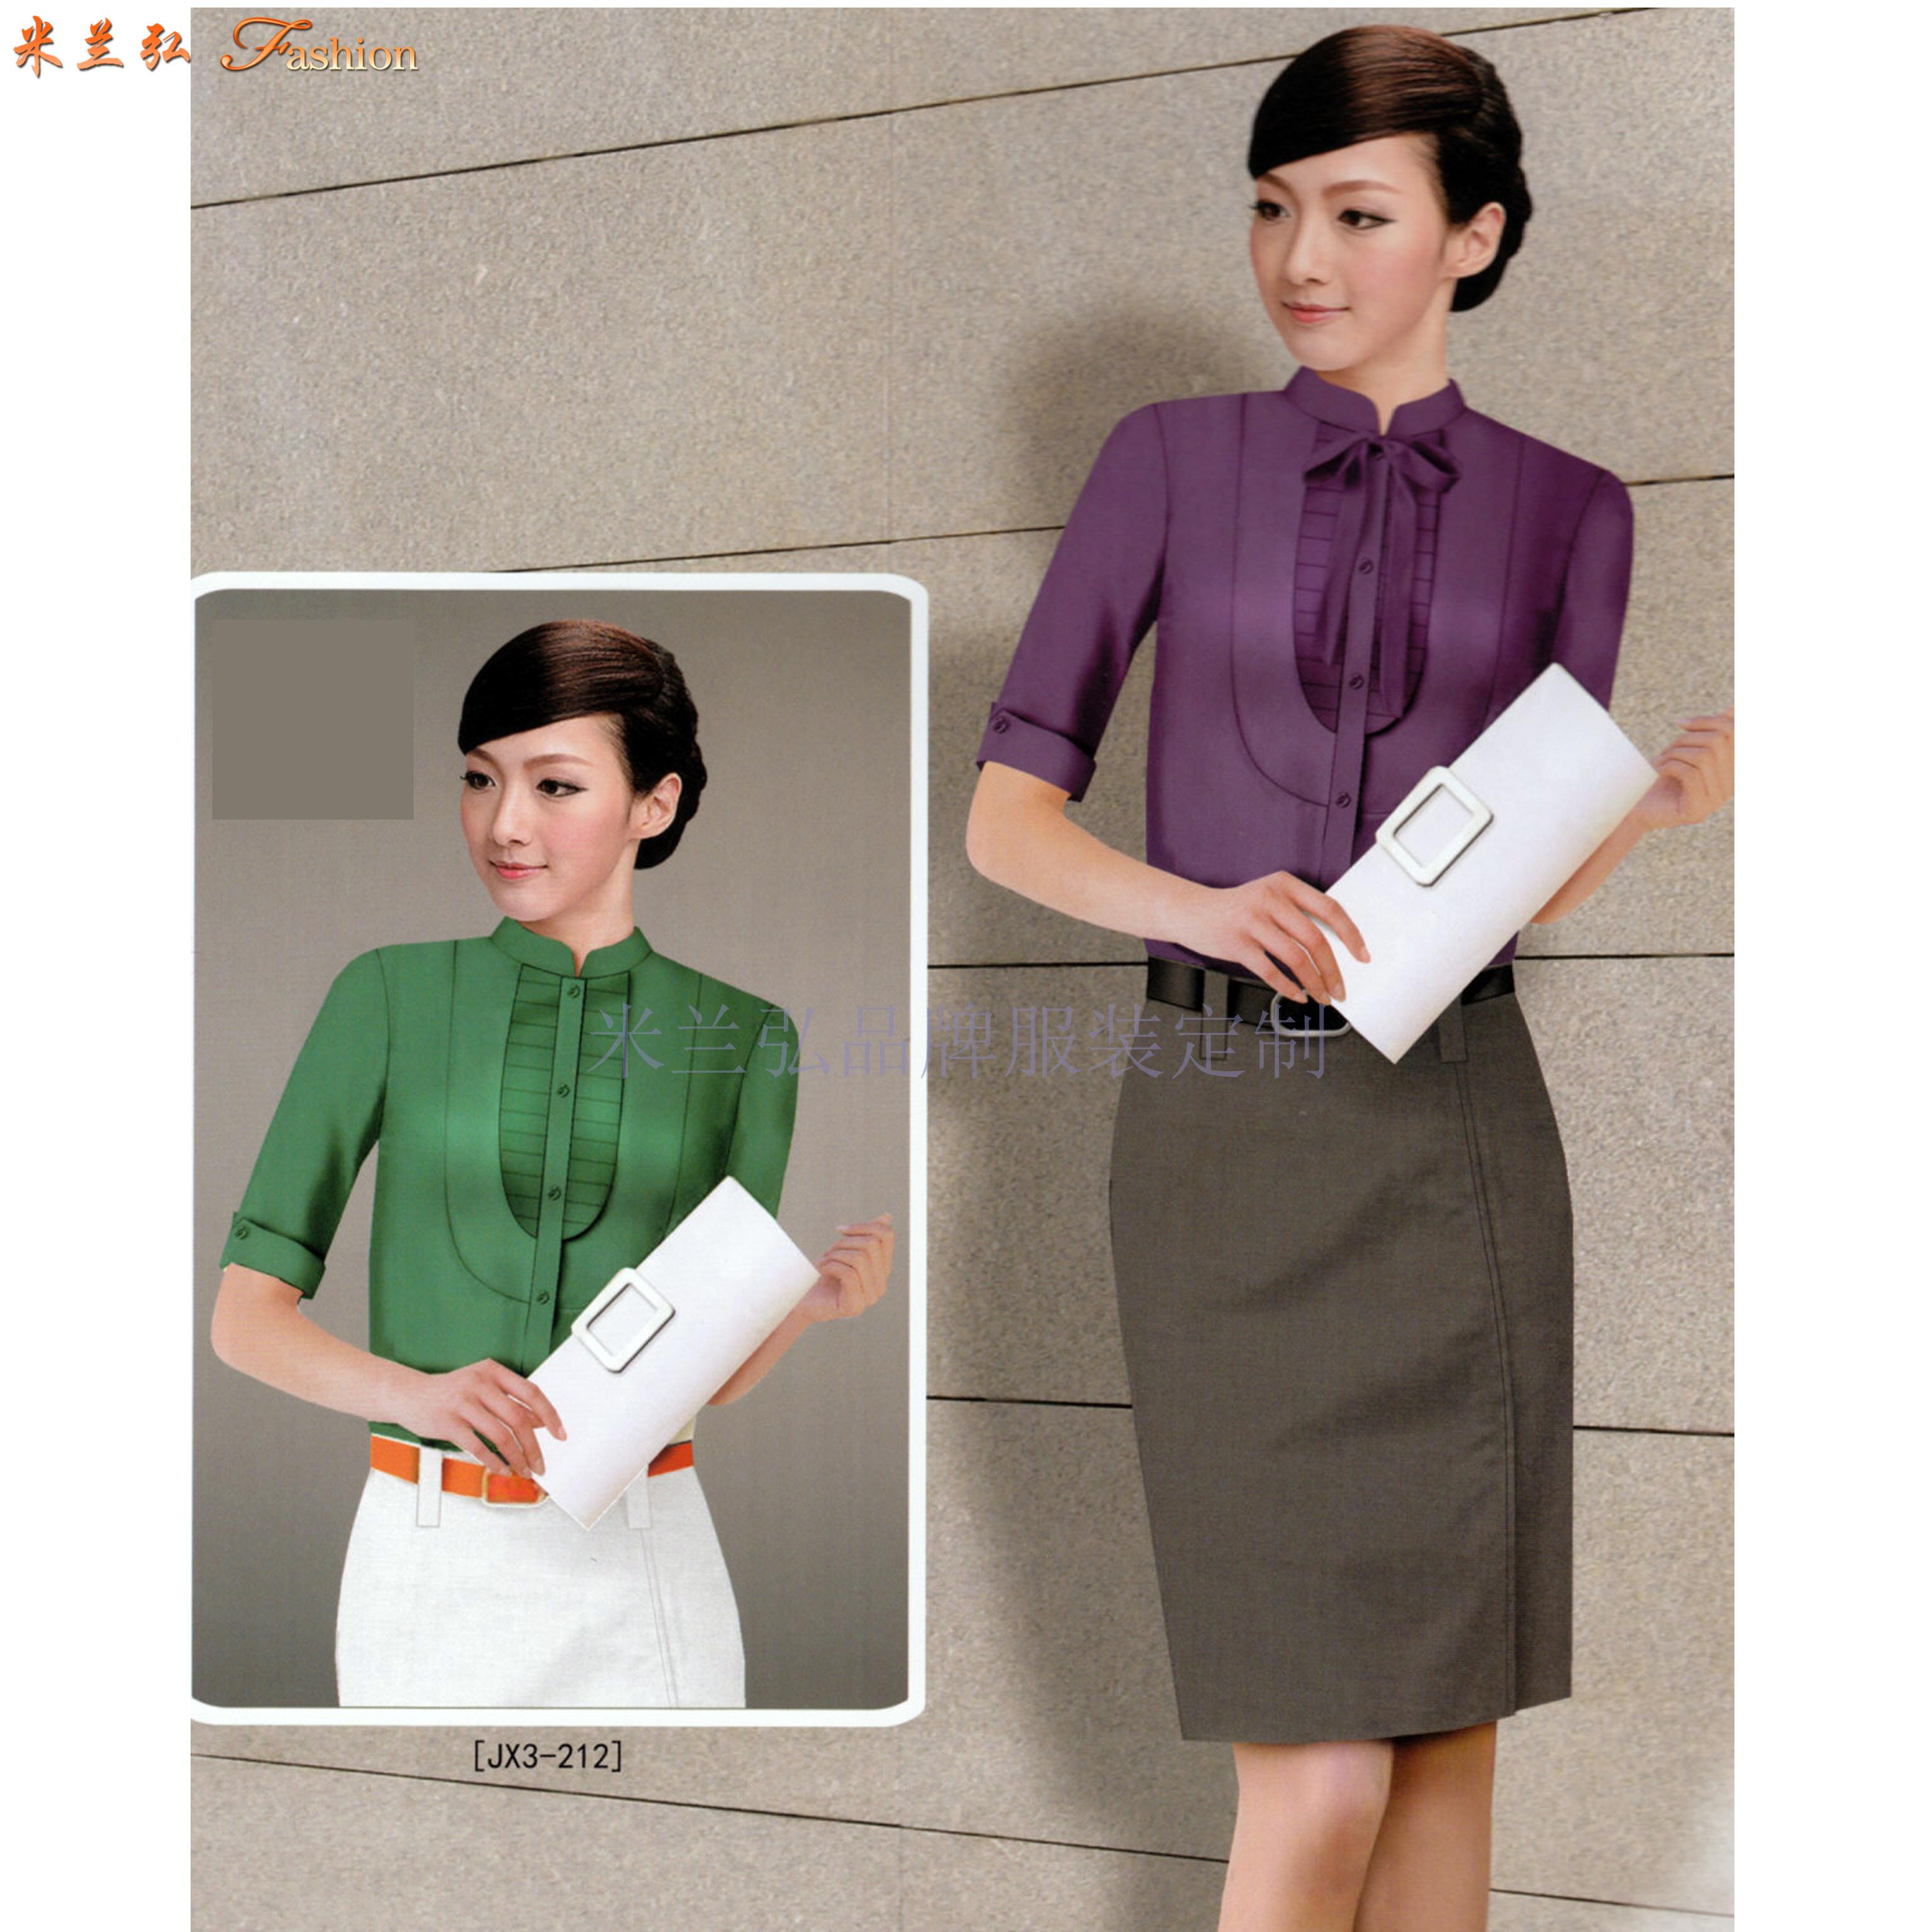 「襯衫搭配」廠家直銷男士女士工作服襯衫搭配款式-米蘭弘服裝-2